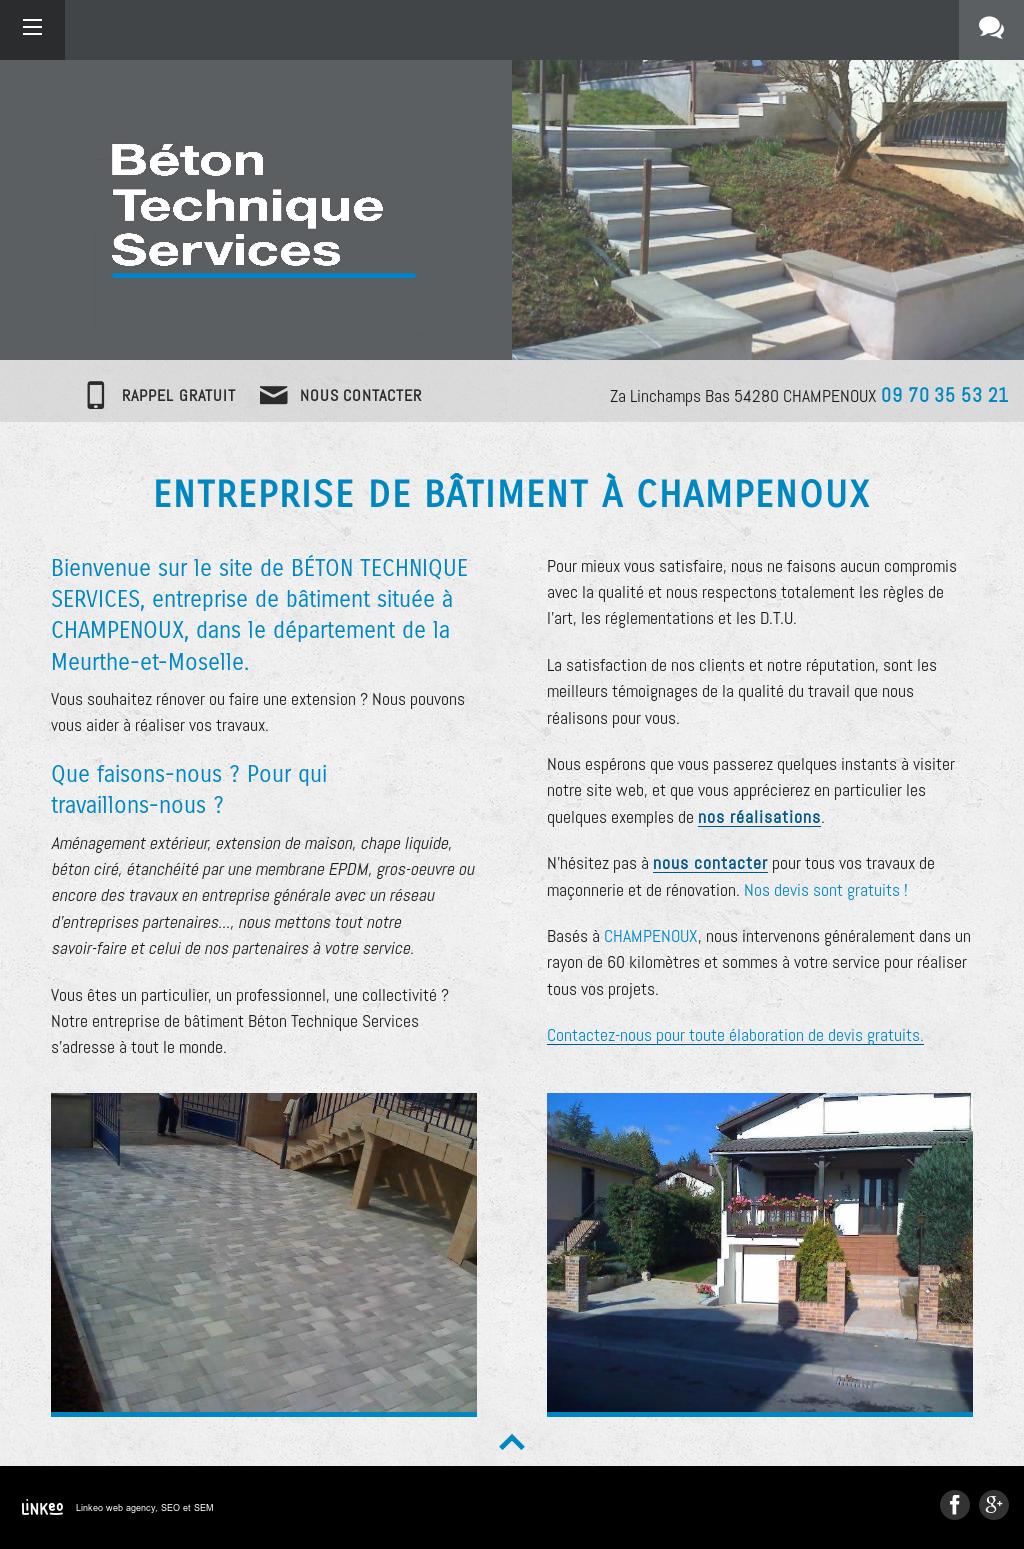 Entreprise Amenagement Exterieur Moselle beton technique services competitors, revenue and employees